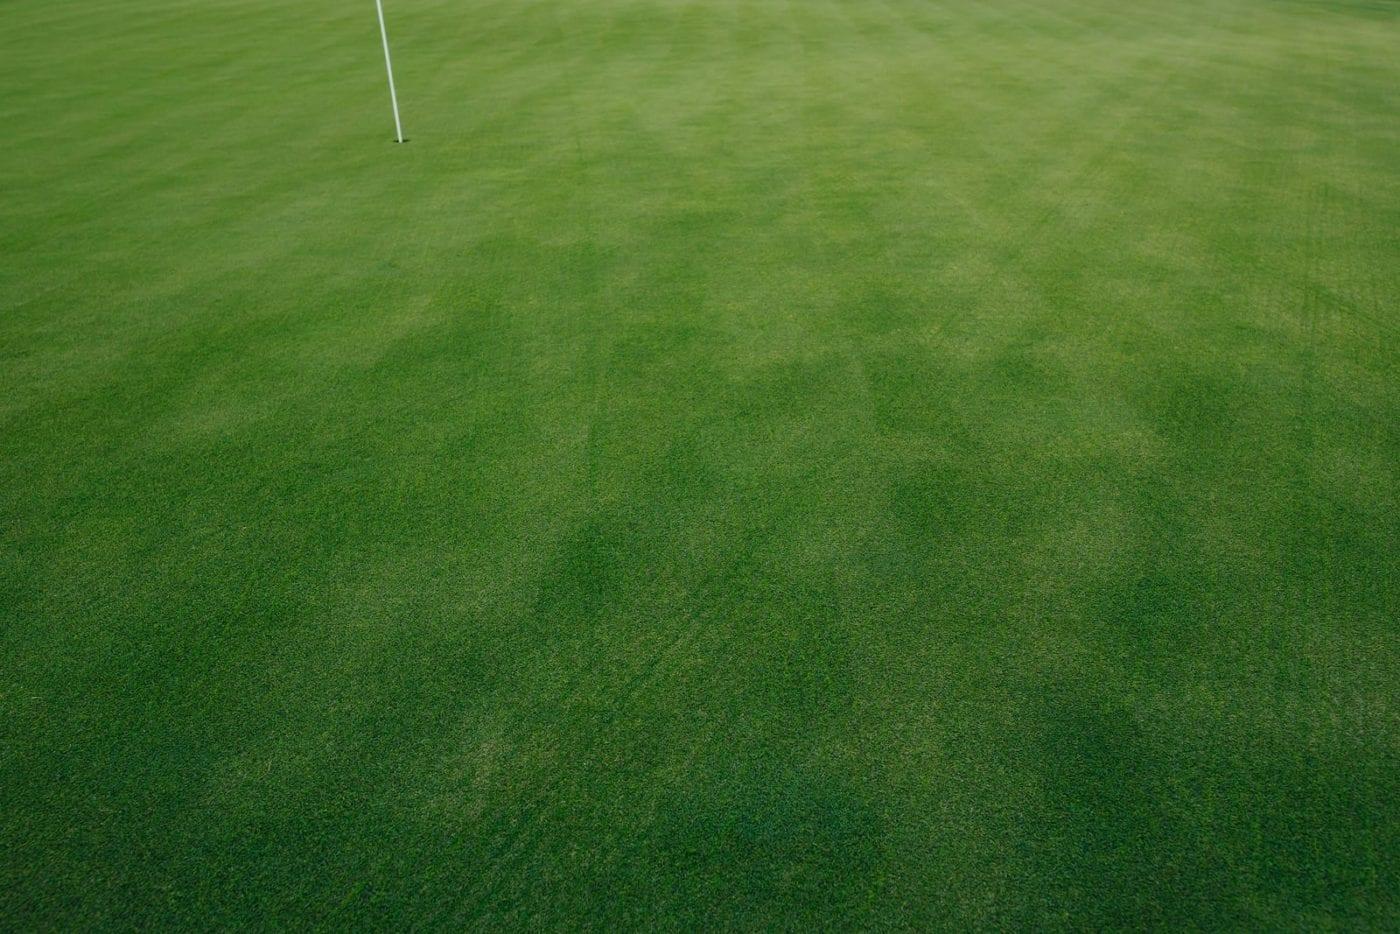 Golf Course Green Grass Texture, Closeup View